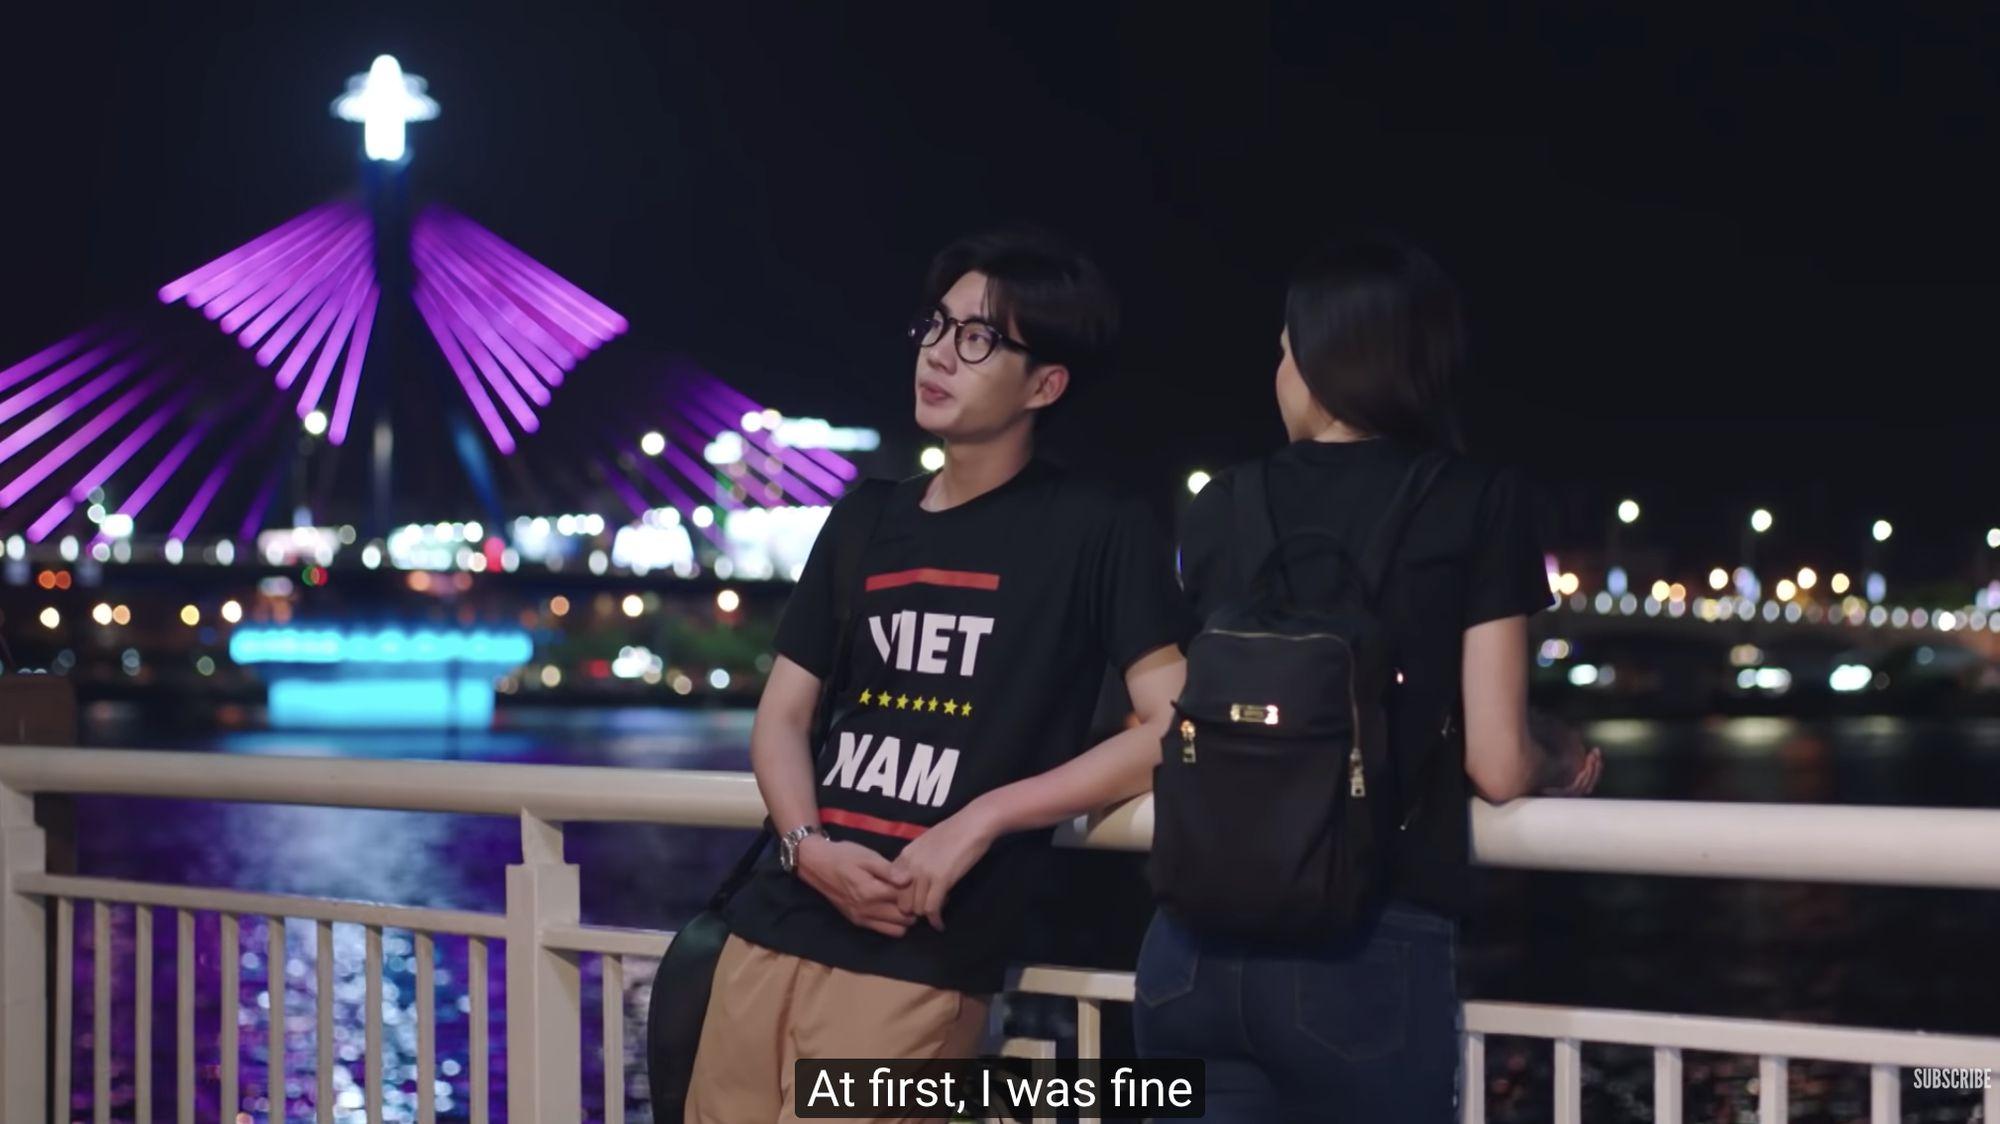 Ngắm loạt ảnh Đà Nẵng - Hội An đẹp ngỡ ngàng trong phim Wolf Thái Lan (6)